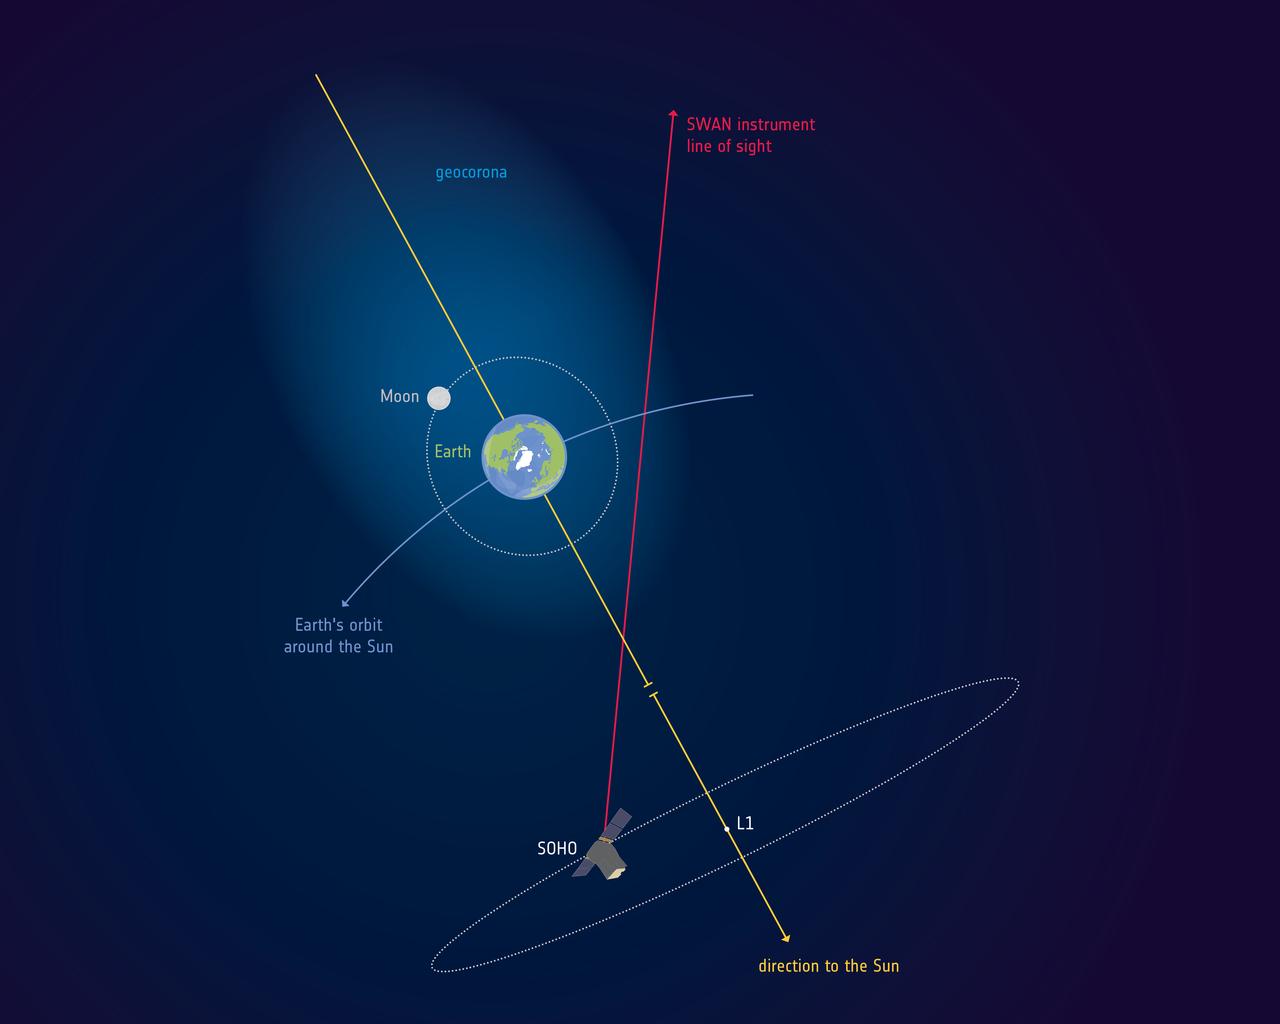 1567213732556-ESA_SOHO_Earth_geocorona_extent_1280.jpg